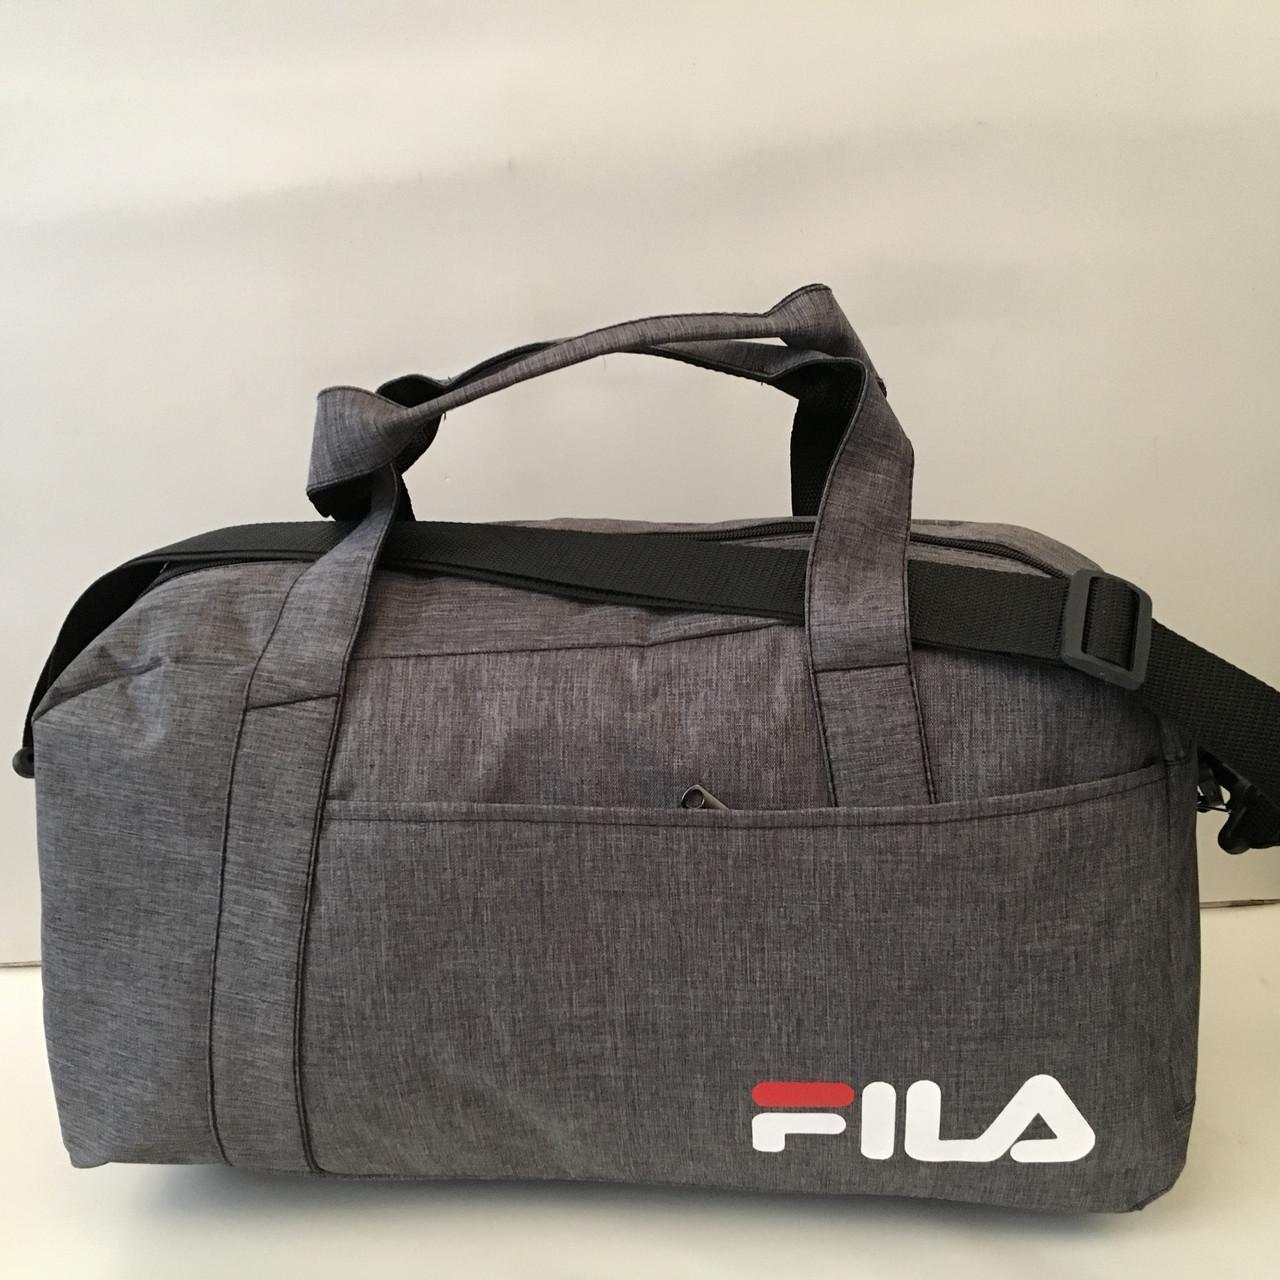 8309a4306630 Большая спортивная сумка FILA с ремнем на плечо, дорожная сумка только  оптом - магазин спортивных